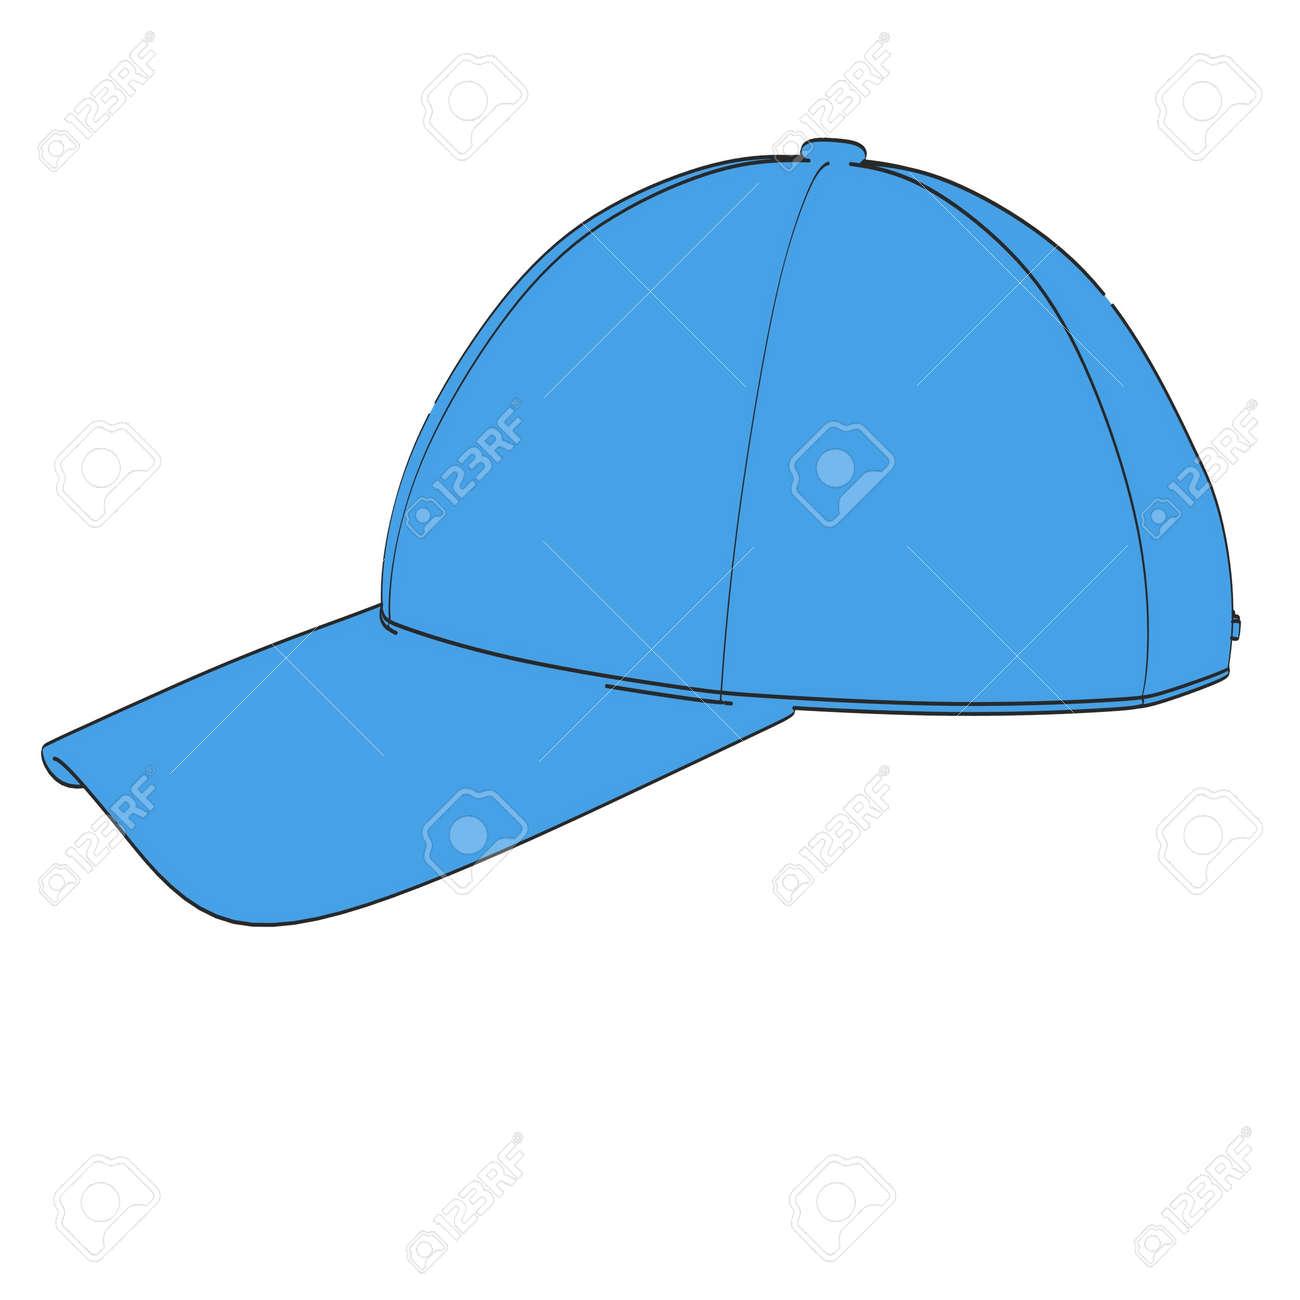 野球帽の 2 D 漫画イラスト の写真素材画像素材 Image 54963665